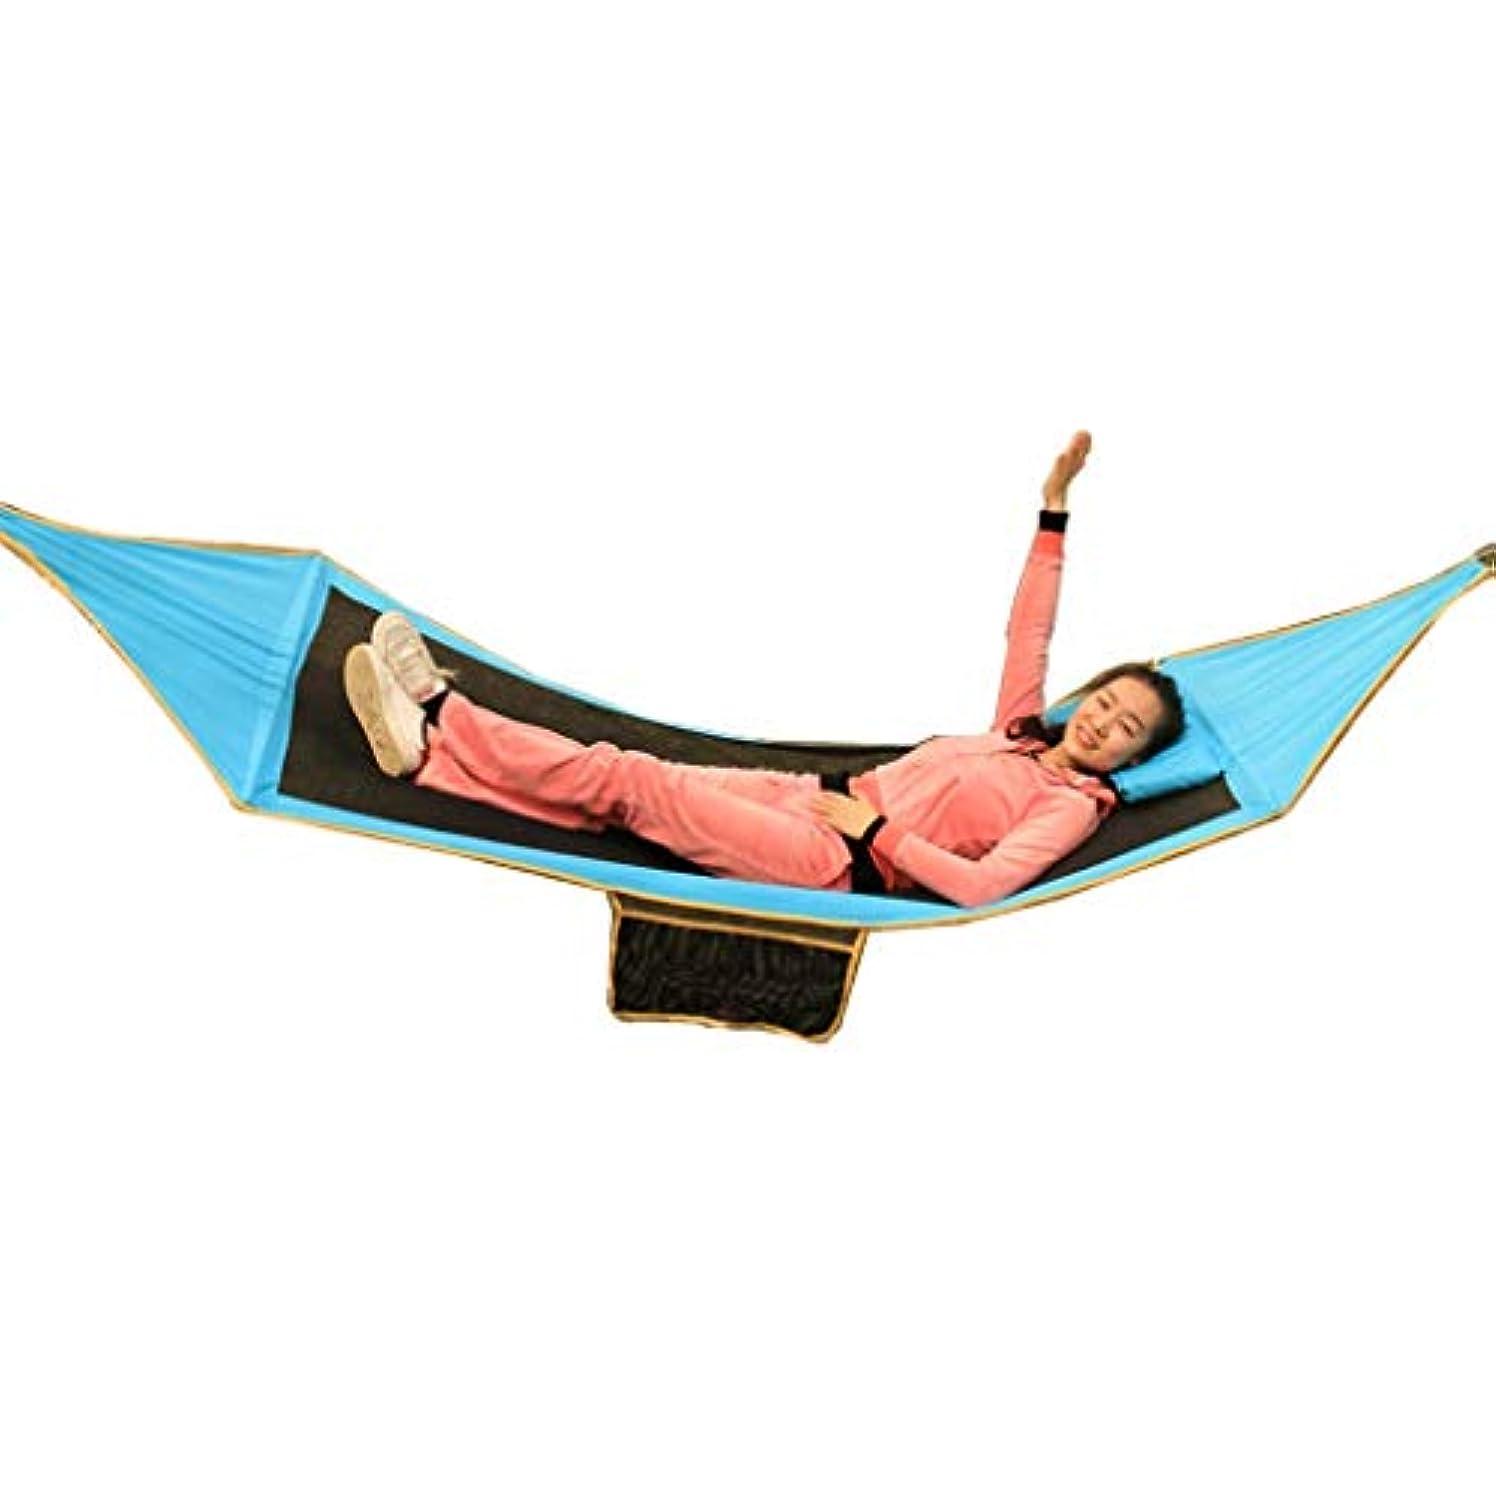 ミトンジェムラオス人ハンモック通気性の超軽量旅行キャンプ - 安い、ディスカウント価格150キログラムの重量、280センチ* 91センチ屋外シングルダブルアンチローリング屋外屋内睡眠キャンプポータブルスイングチェアレイジー UOMUN